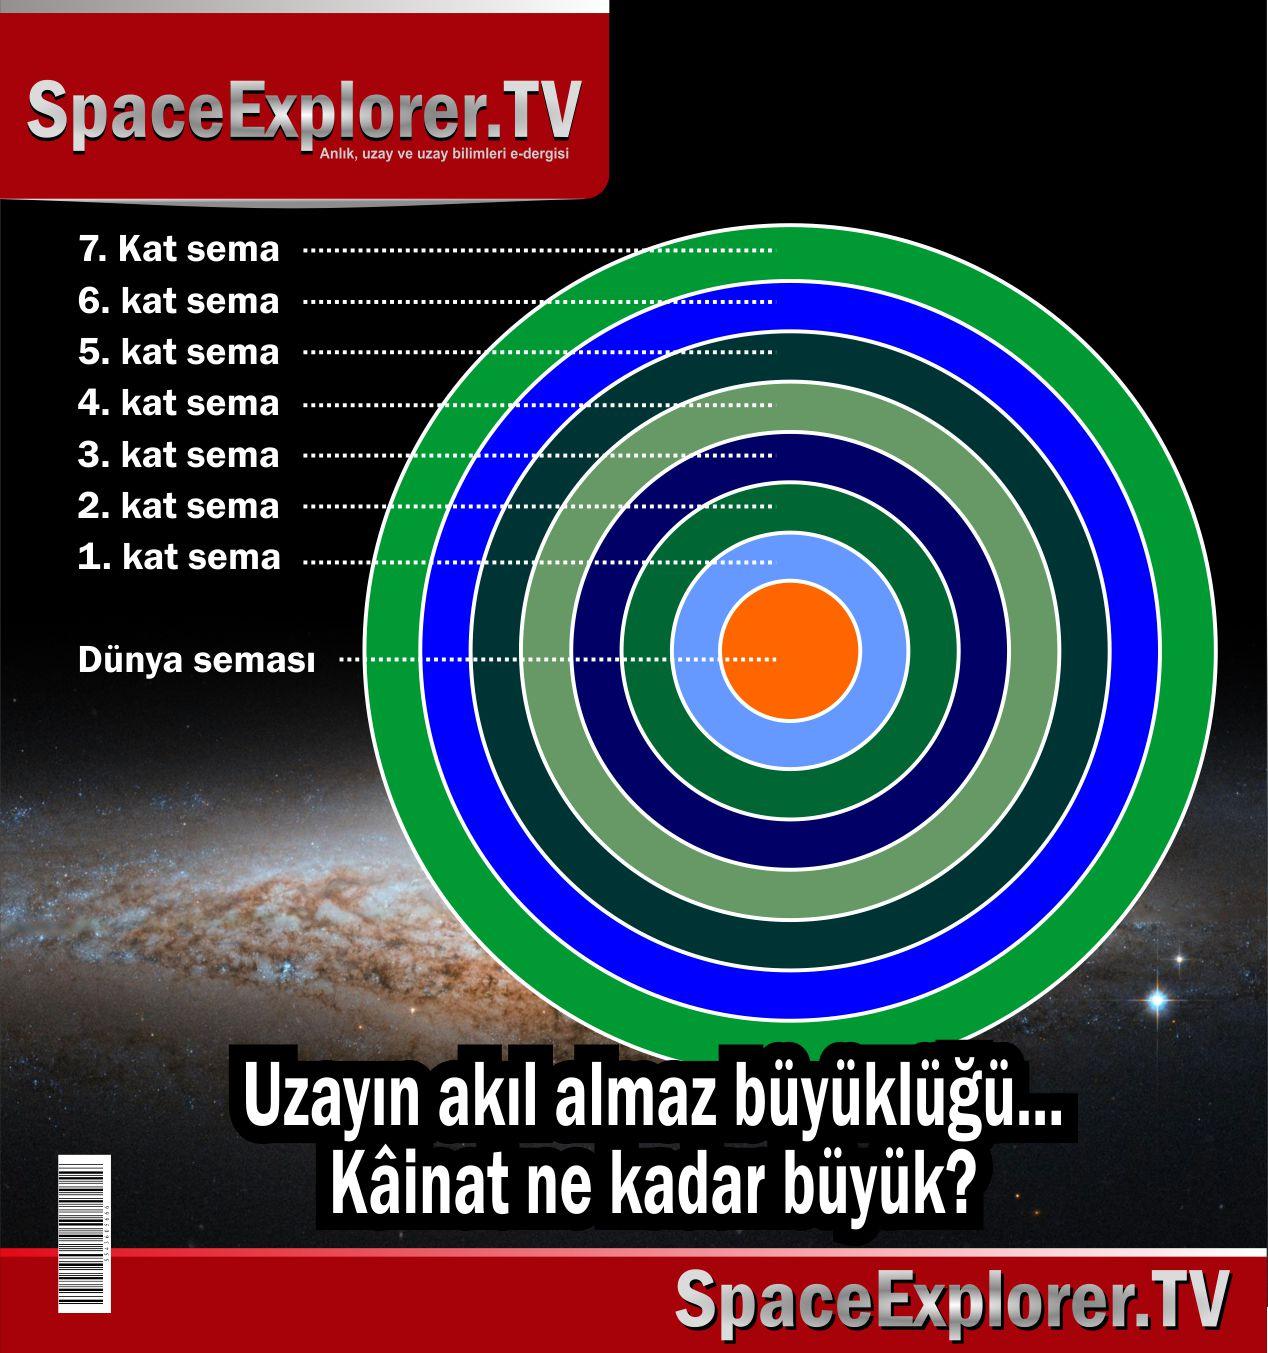 Yedi kat sema, Gök katları, Hamele-i Arş, Alem-i Kebir, Alem-i Kürs, Arş-ı ala, Mehmet Fahri Sertkaya, mfs, Evren ne kadar büyük, Uzay ne kadar büyük, Süleyman Hilmi Tunahan,